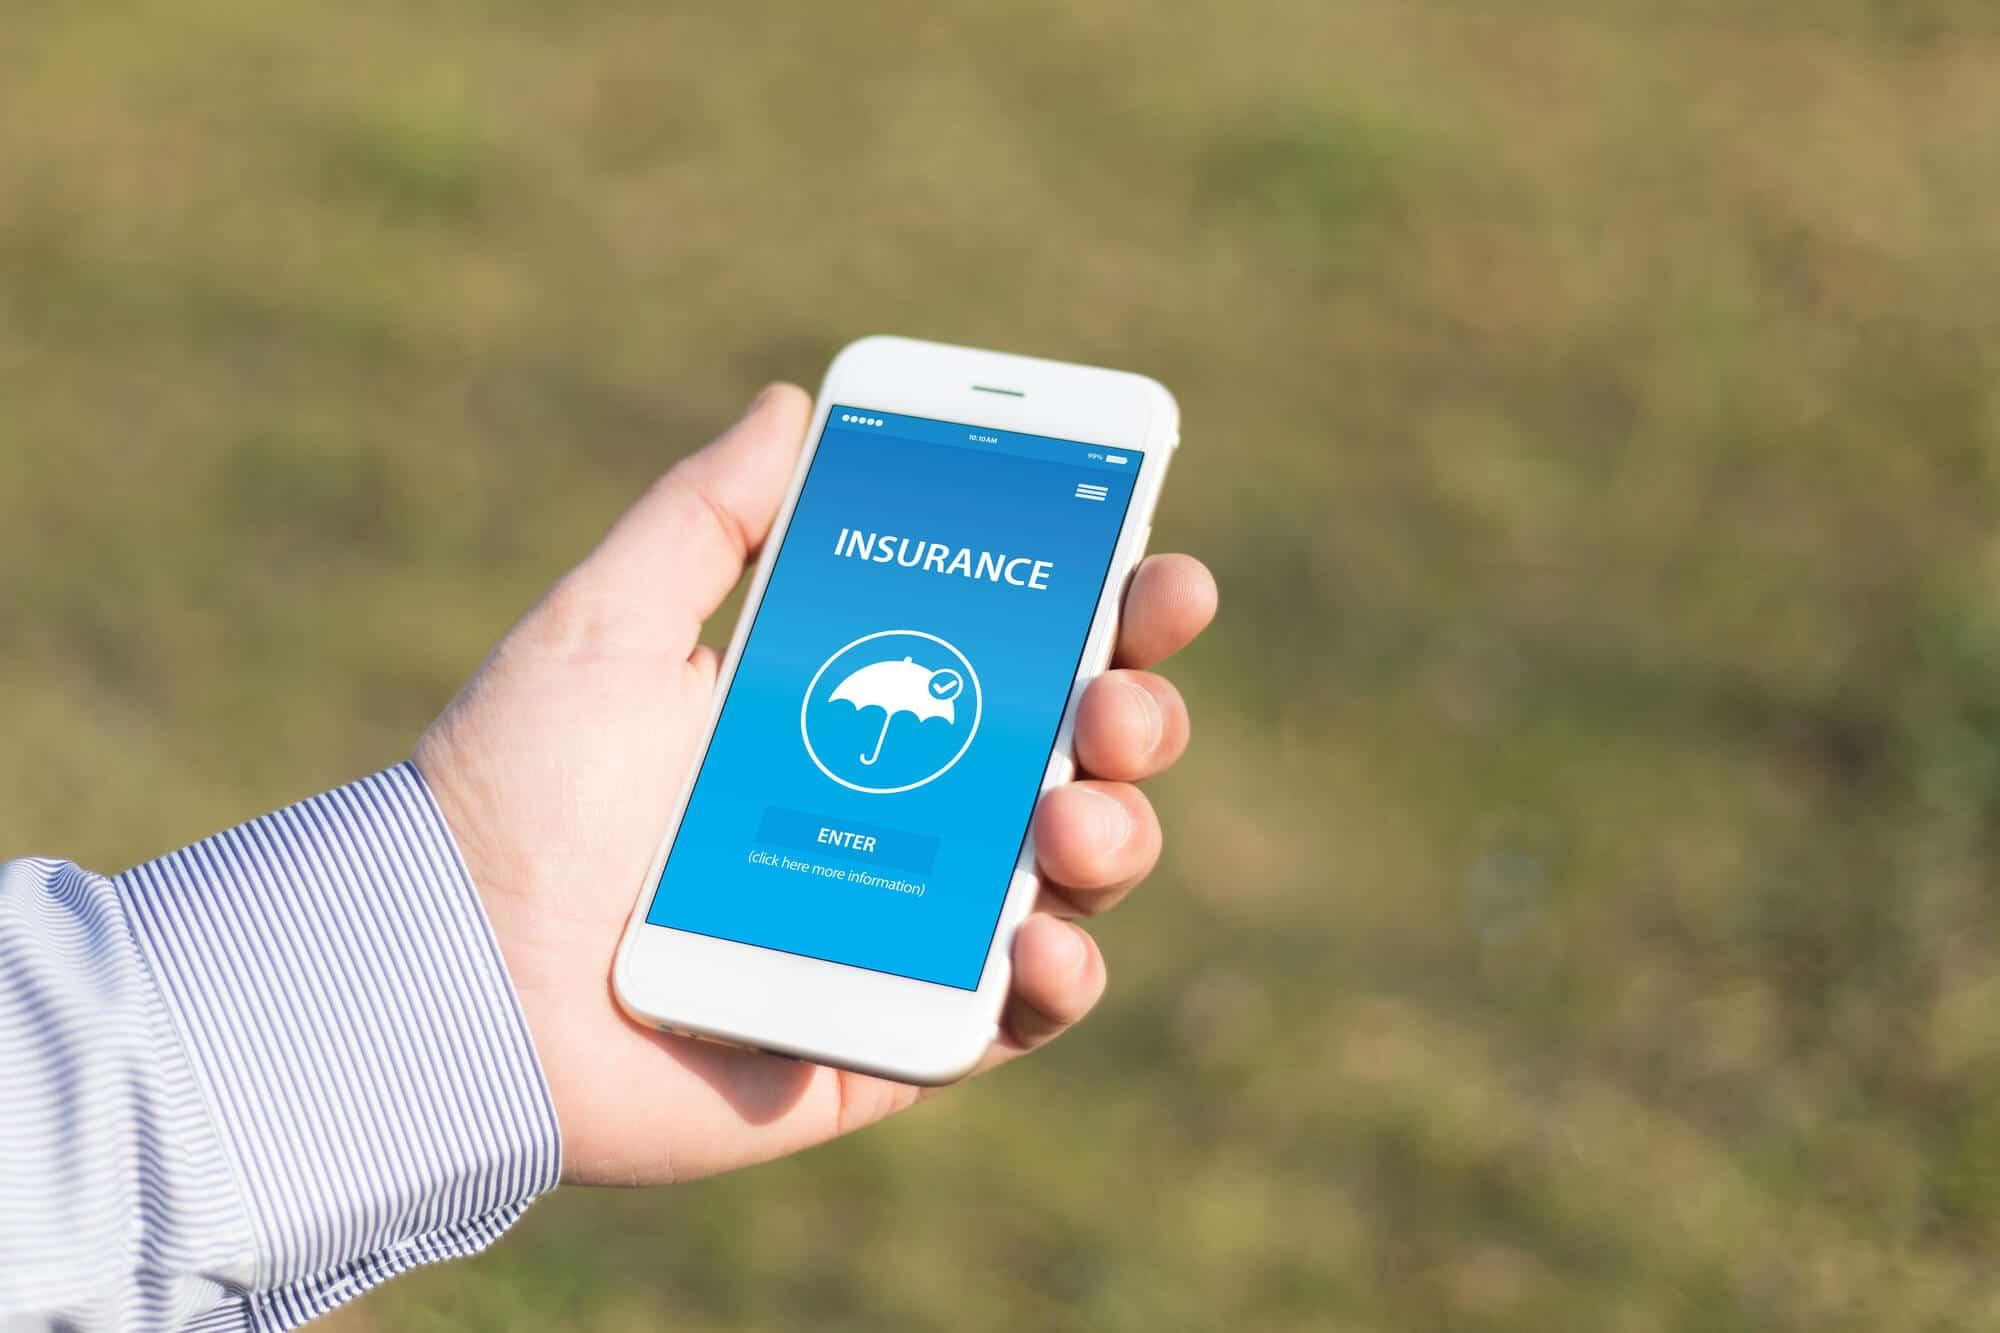 insurance app on mobile phone